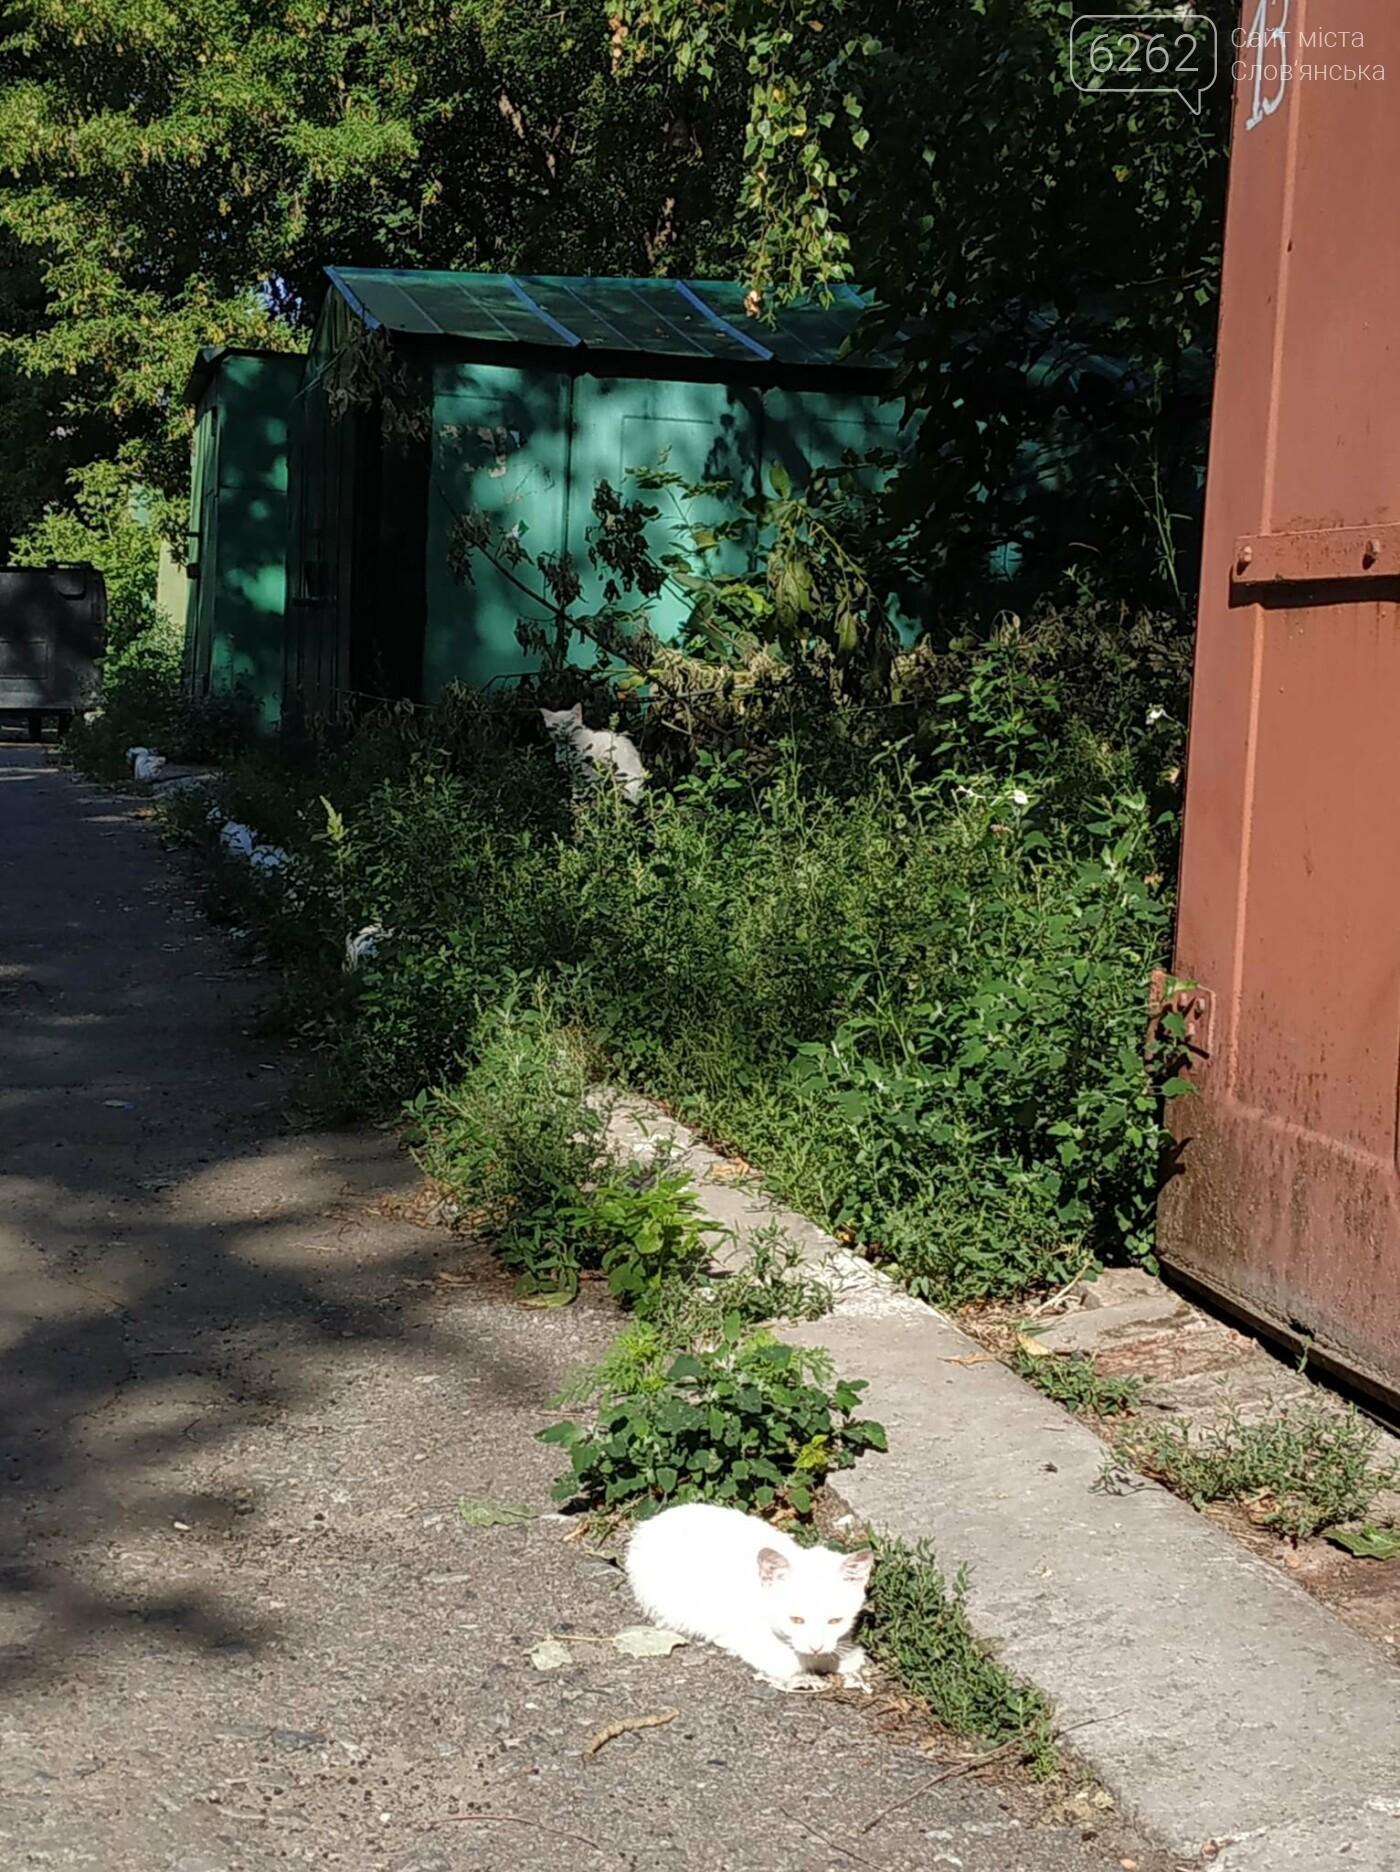 Уличные котики нашего города (фотоподборка) , фото-4